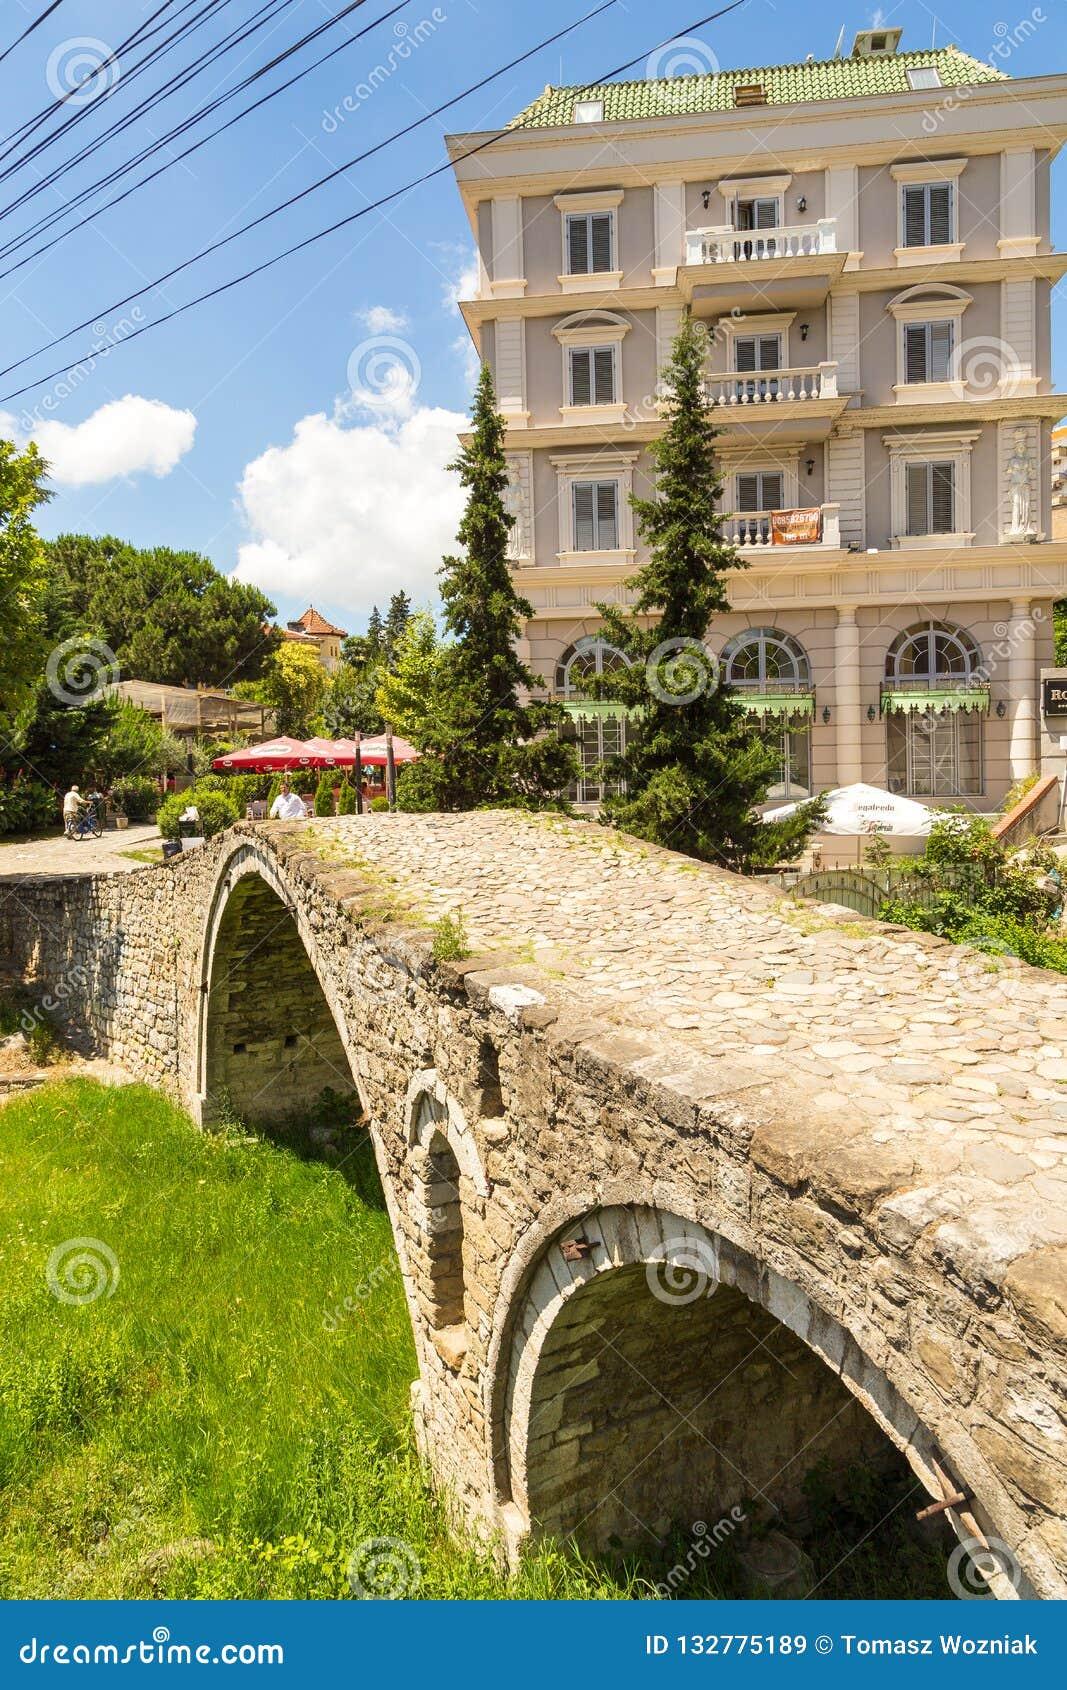 制革工人的桥梁或者Tabak桥梁,一座无背长椅石头曲拱桥梁在地拉纳,阿尔巴尼亚